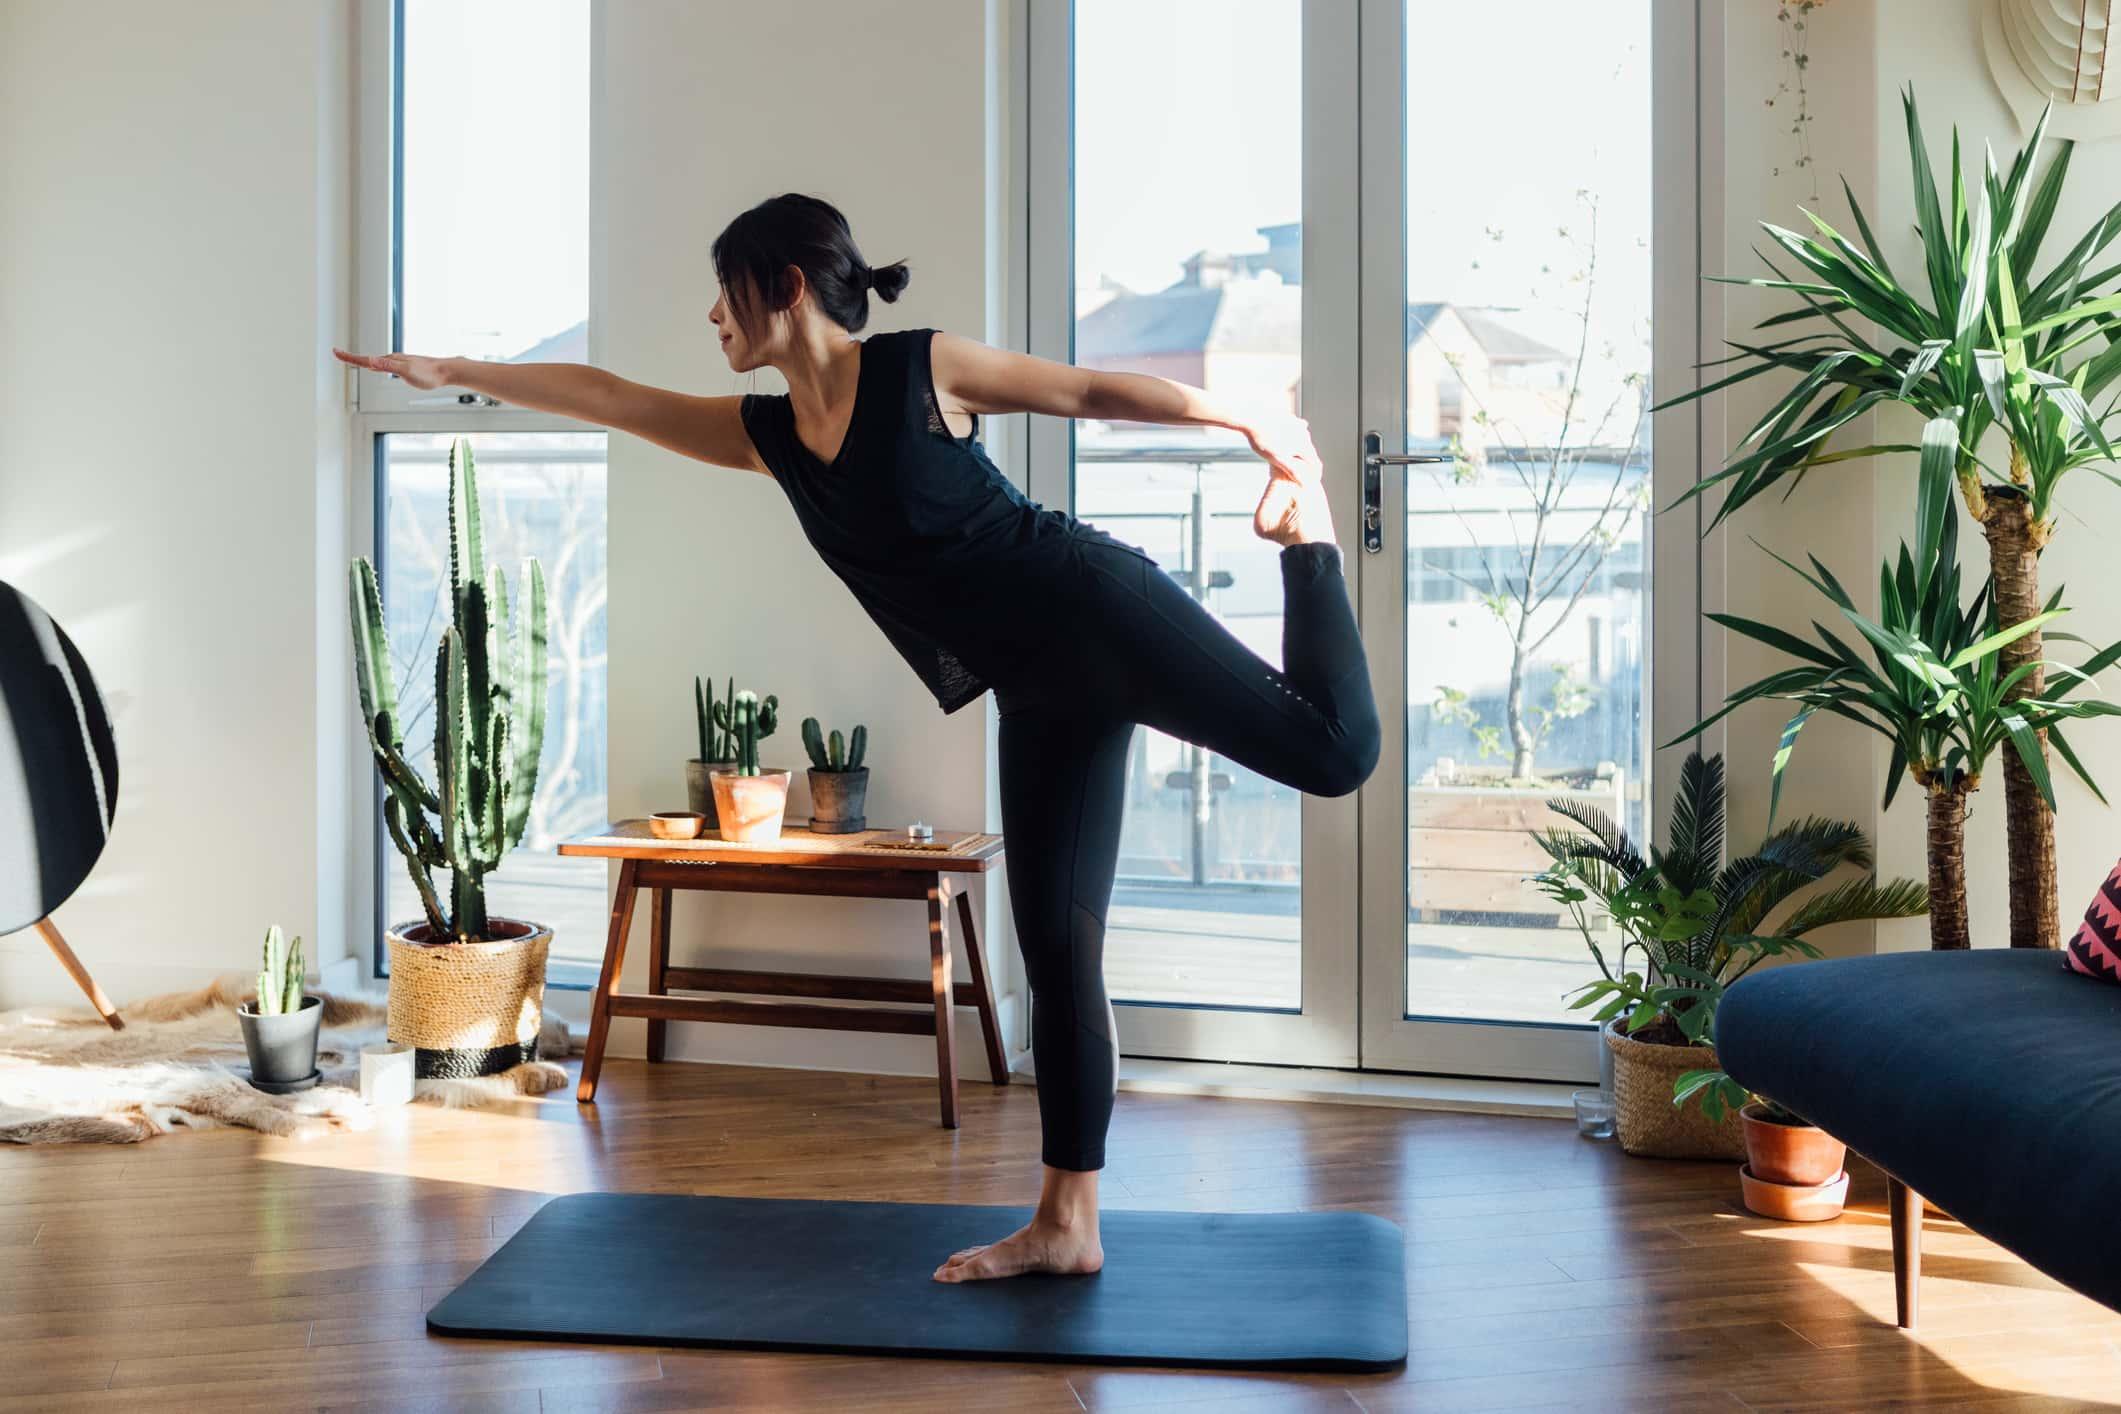 Cô gái đang tập yoga